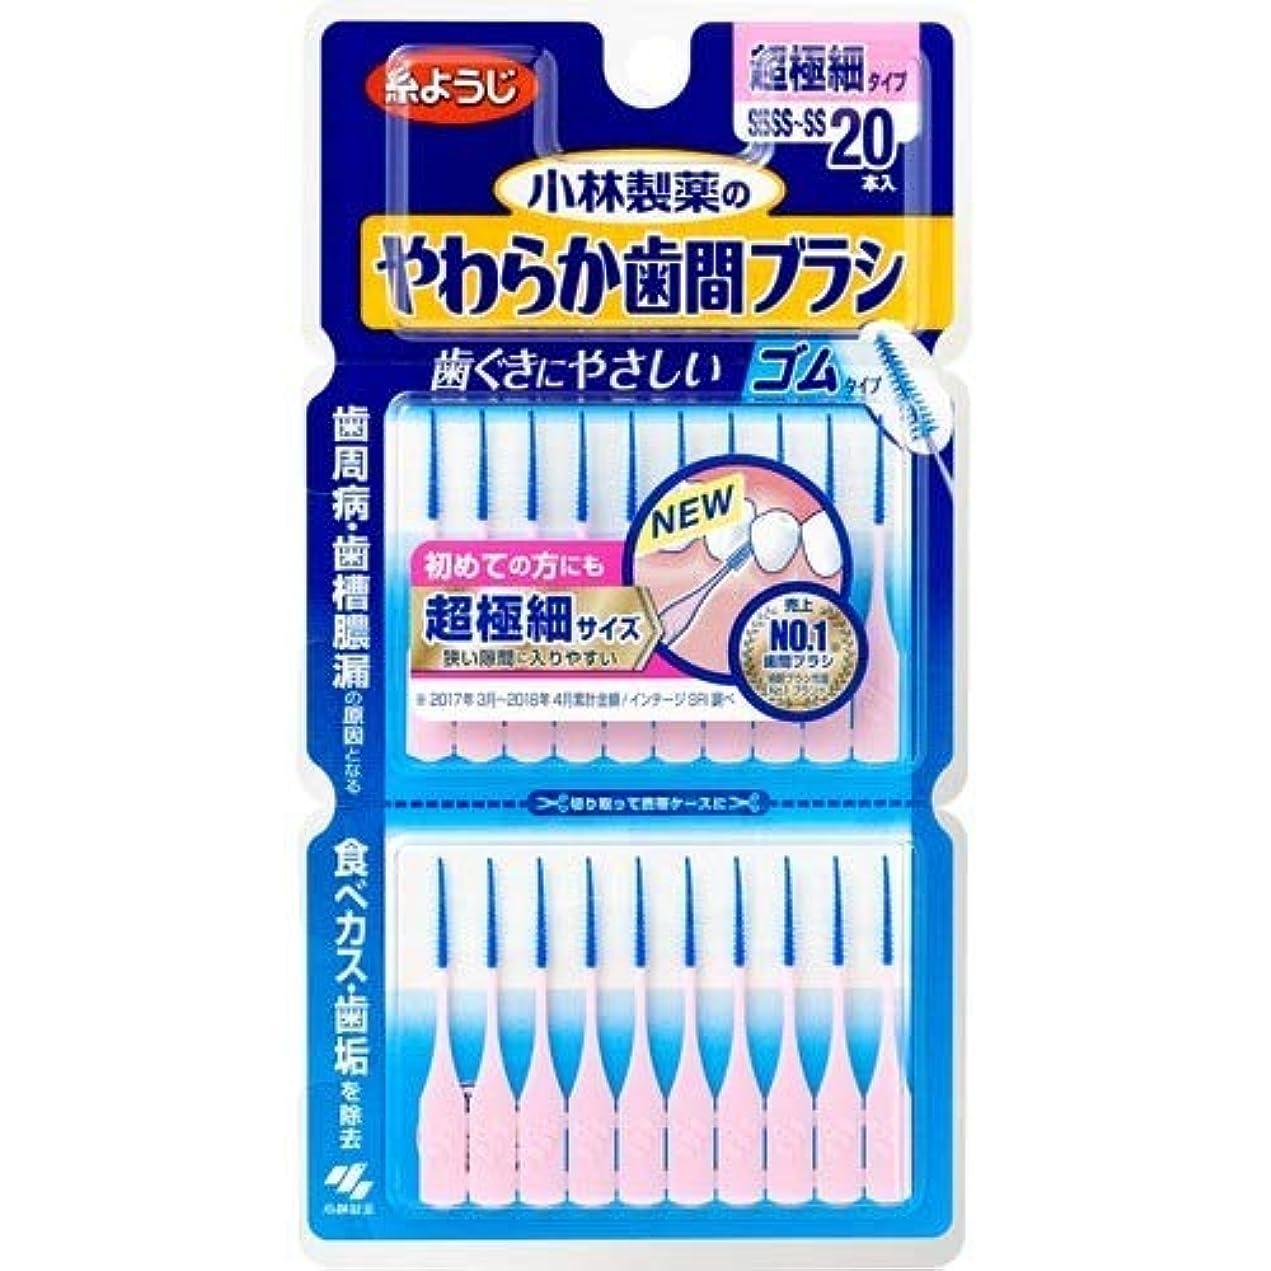 補体状態松明小林製薬 やわらか歯間ブラシ SSSS~SSサイズ 20本入 超極細ゴムタイプ